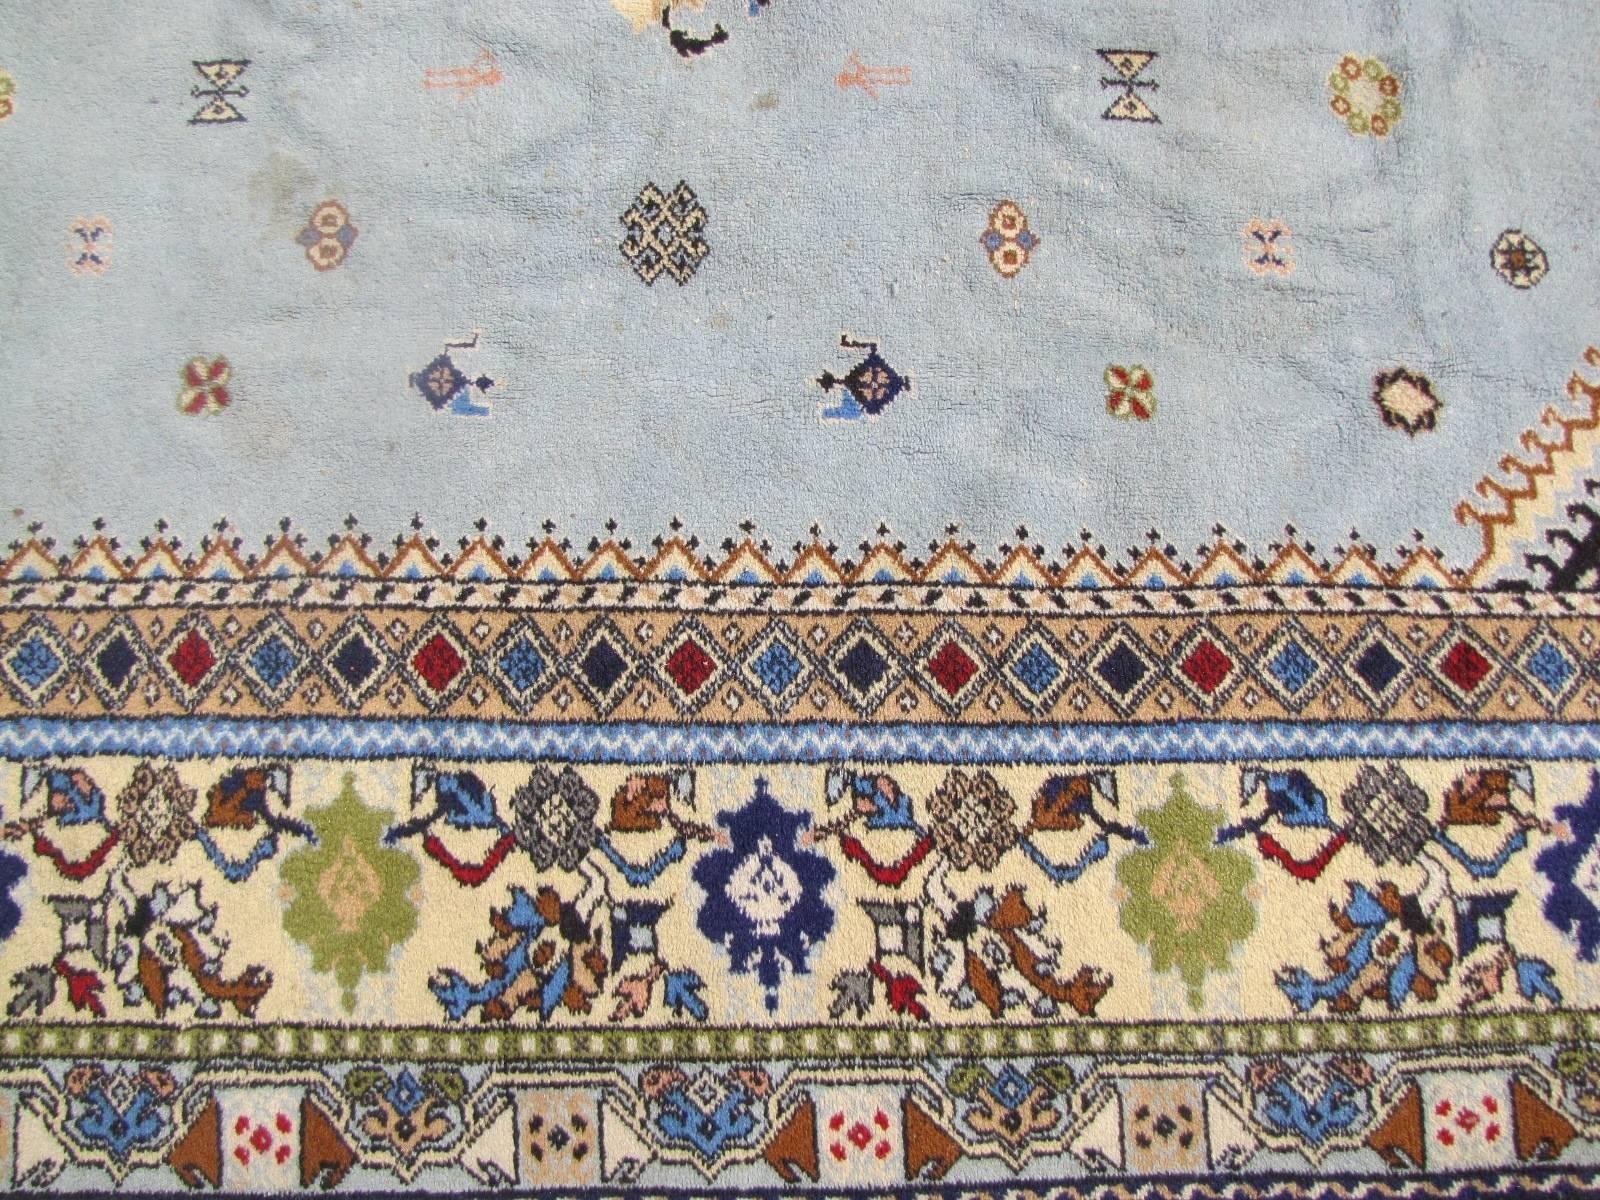 Tappeti Kilim Marocco : Tappeti marocco. marocchina lungo morbida lana tappeto fatto a mano